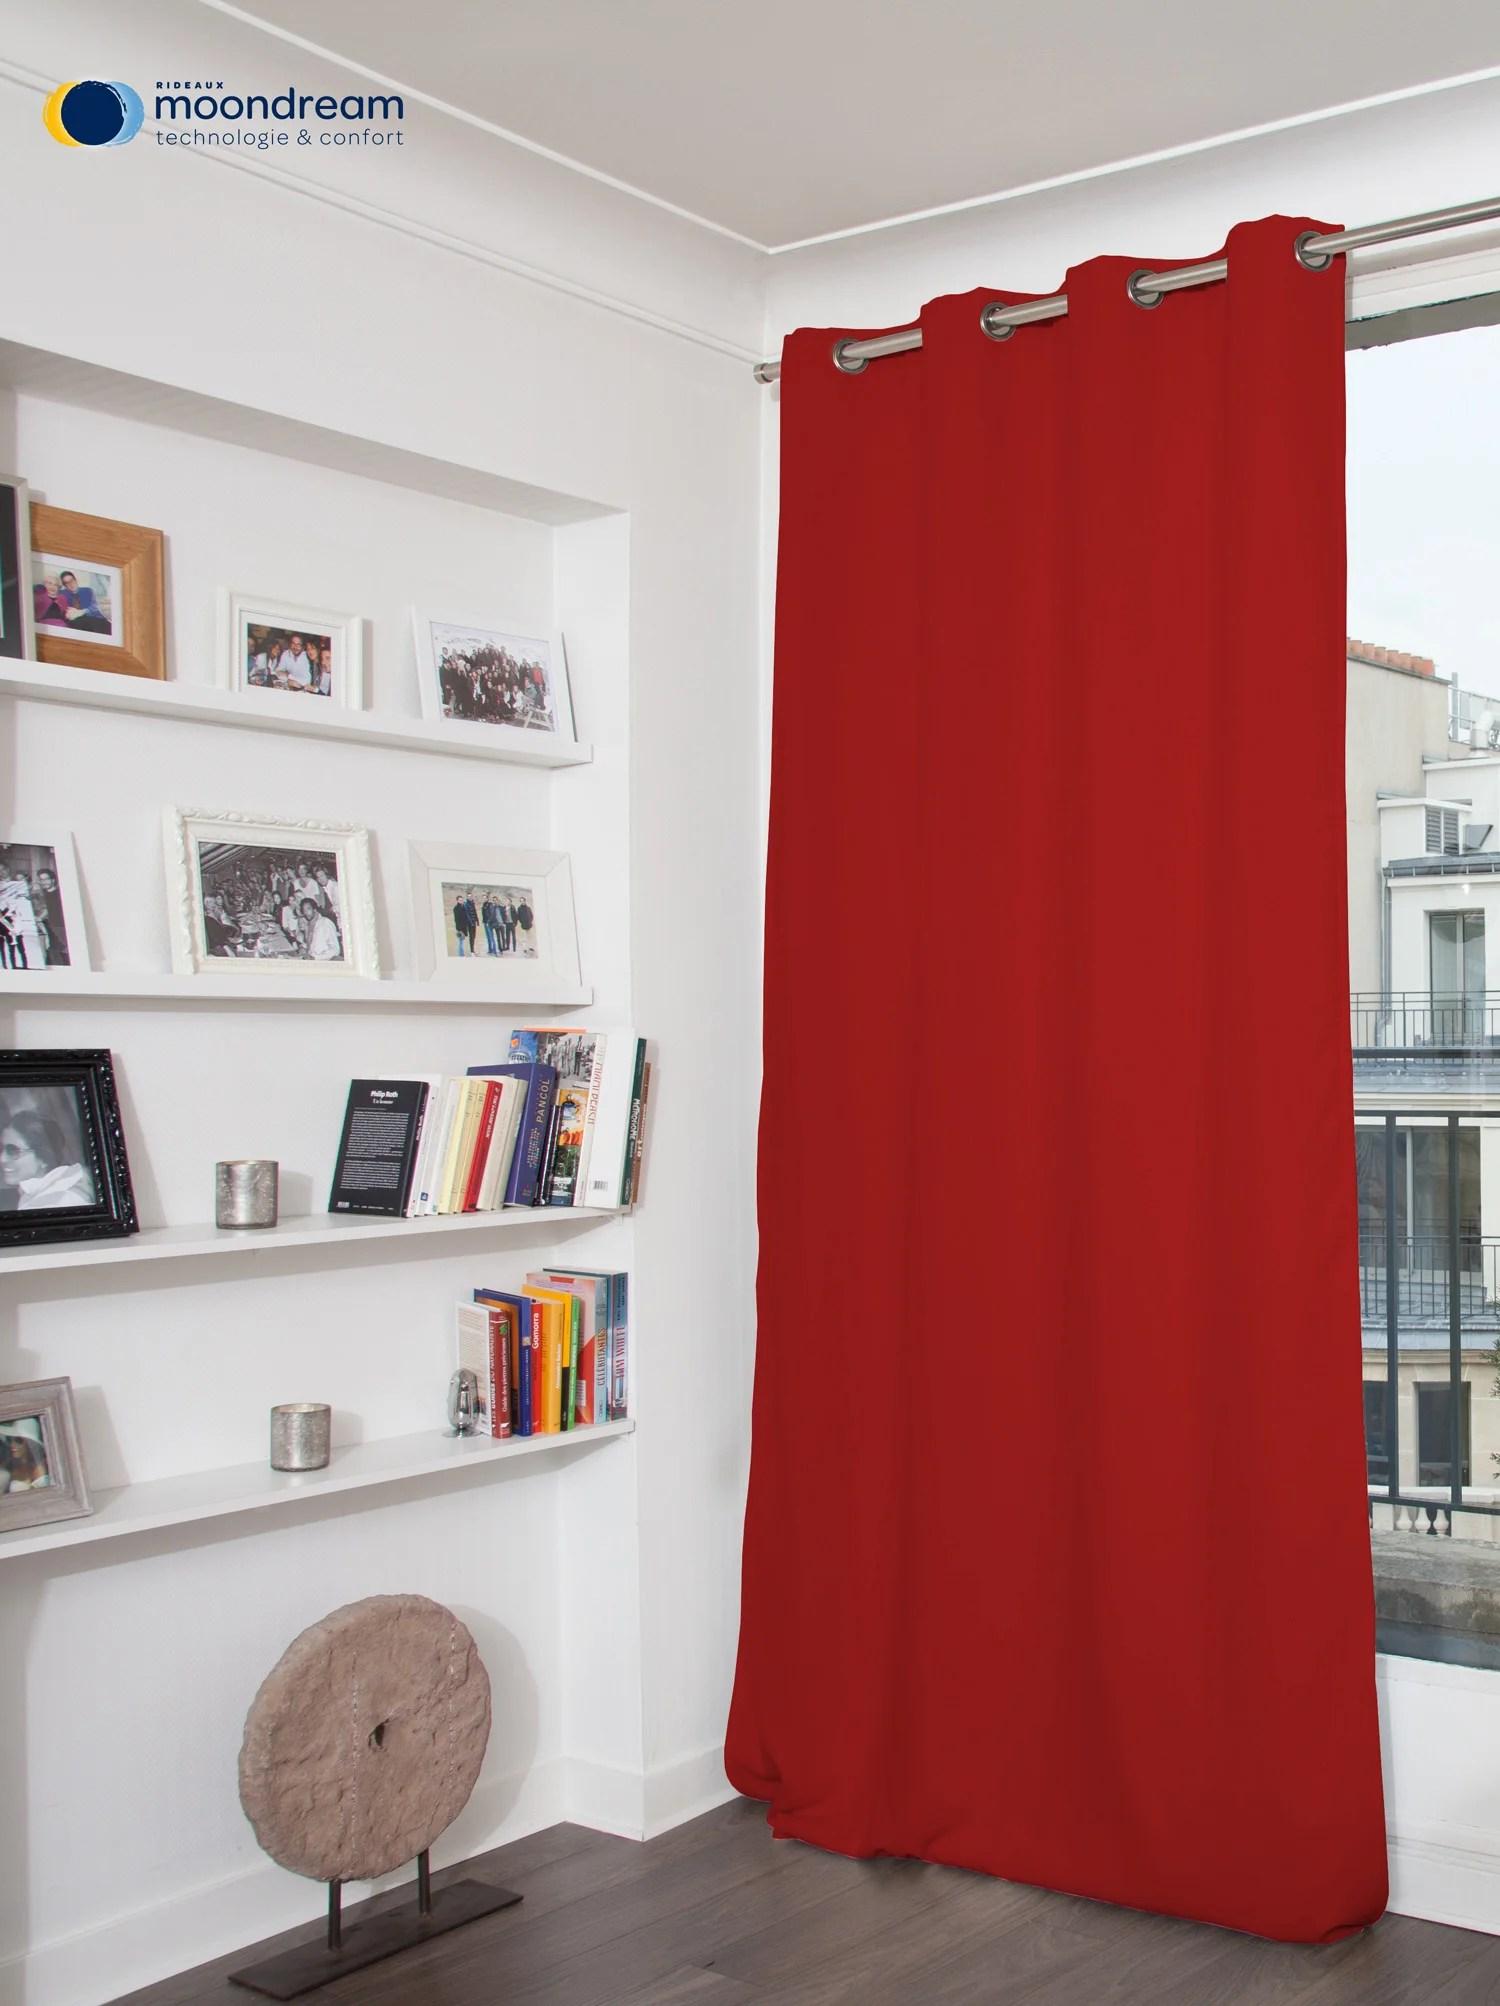 rideau occultant thermique rouge l 145 x h 260 cm moondream